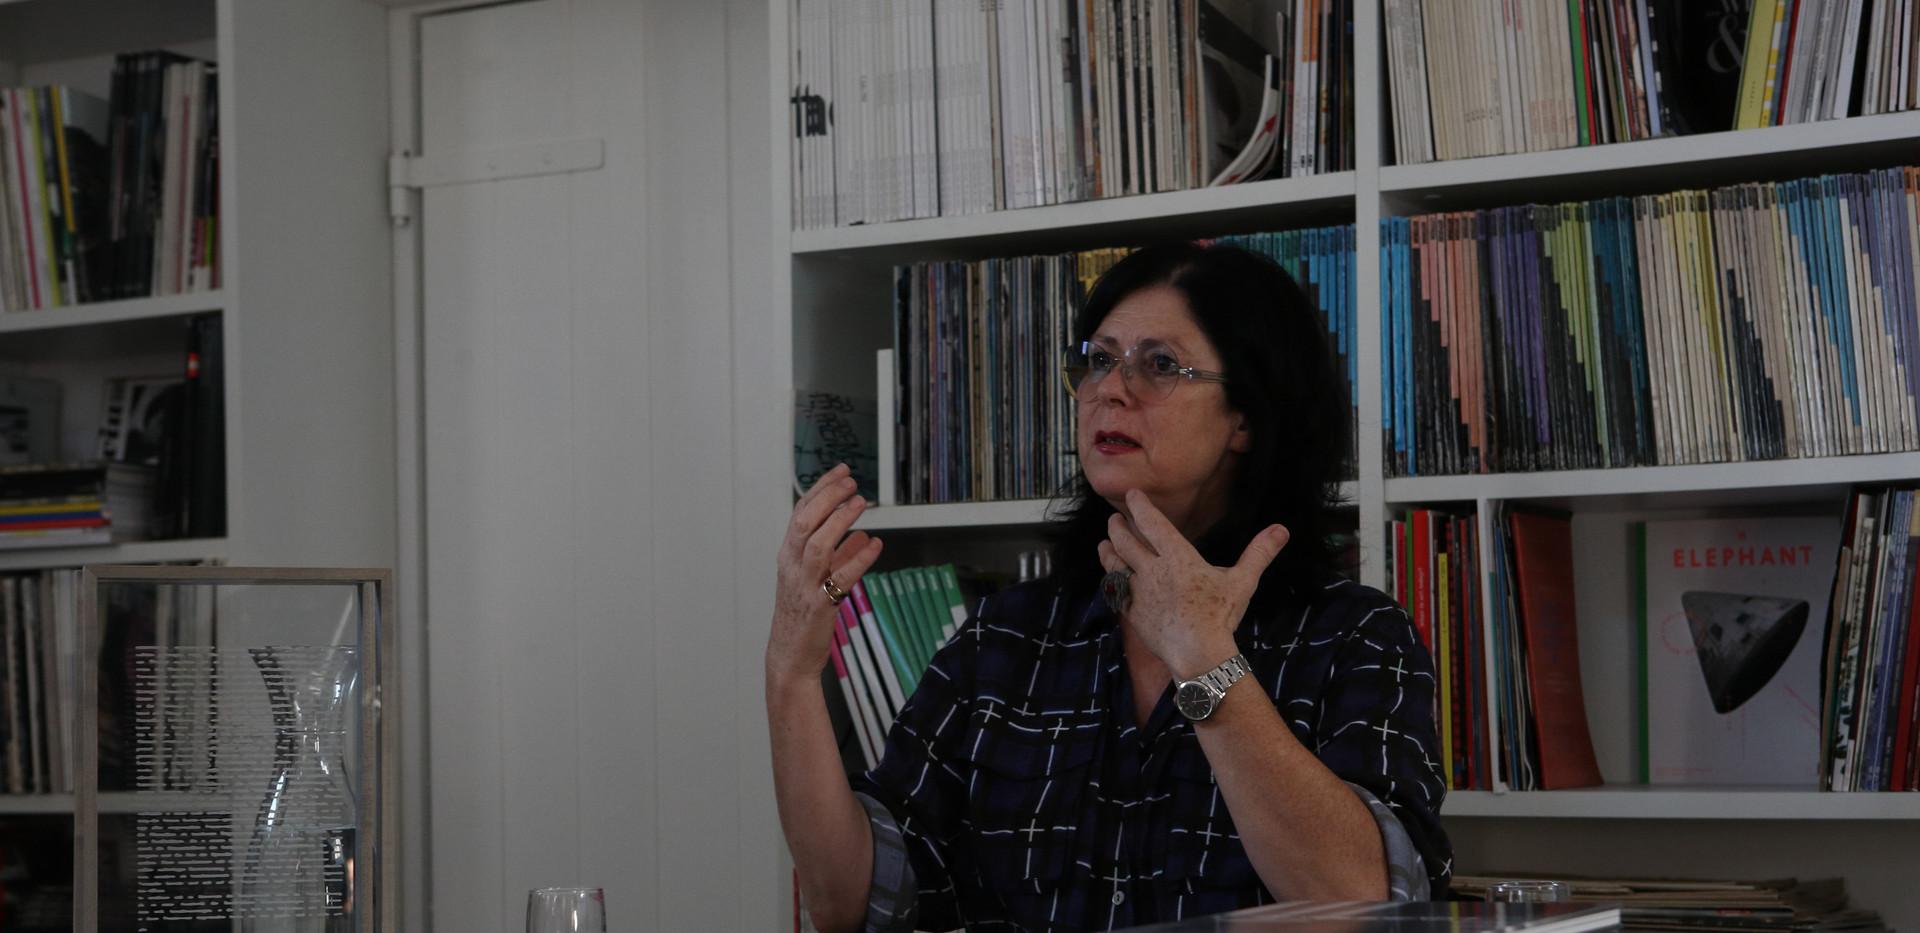 Eva Schlegel im Krinzinger Lesehaus